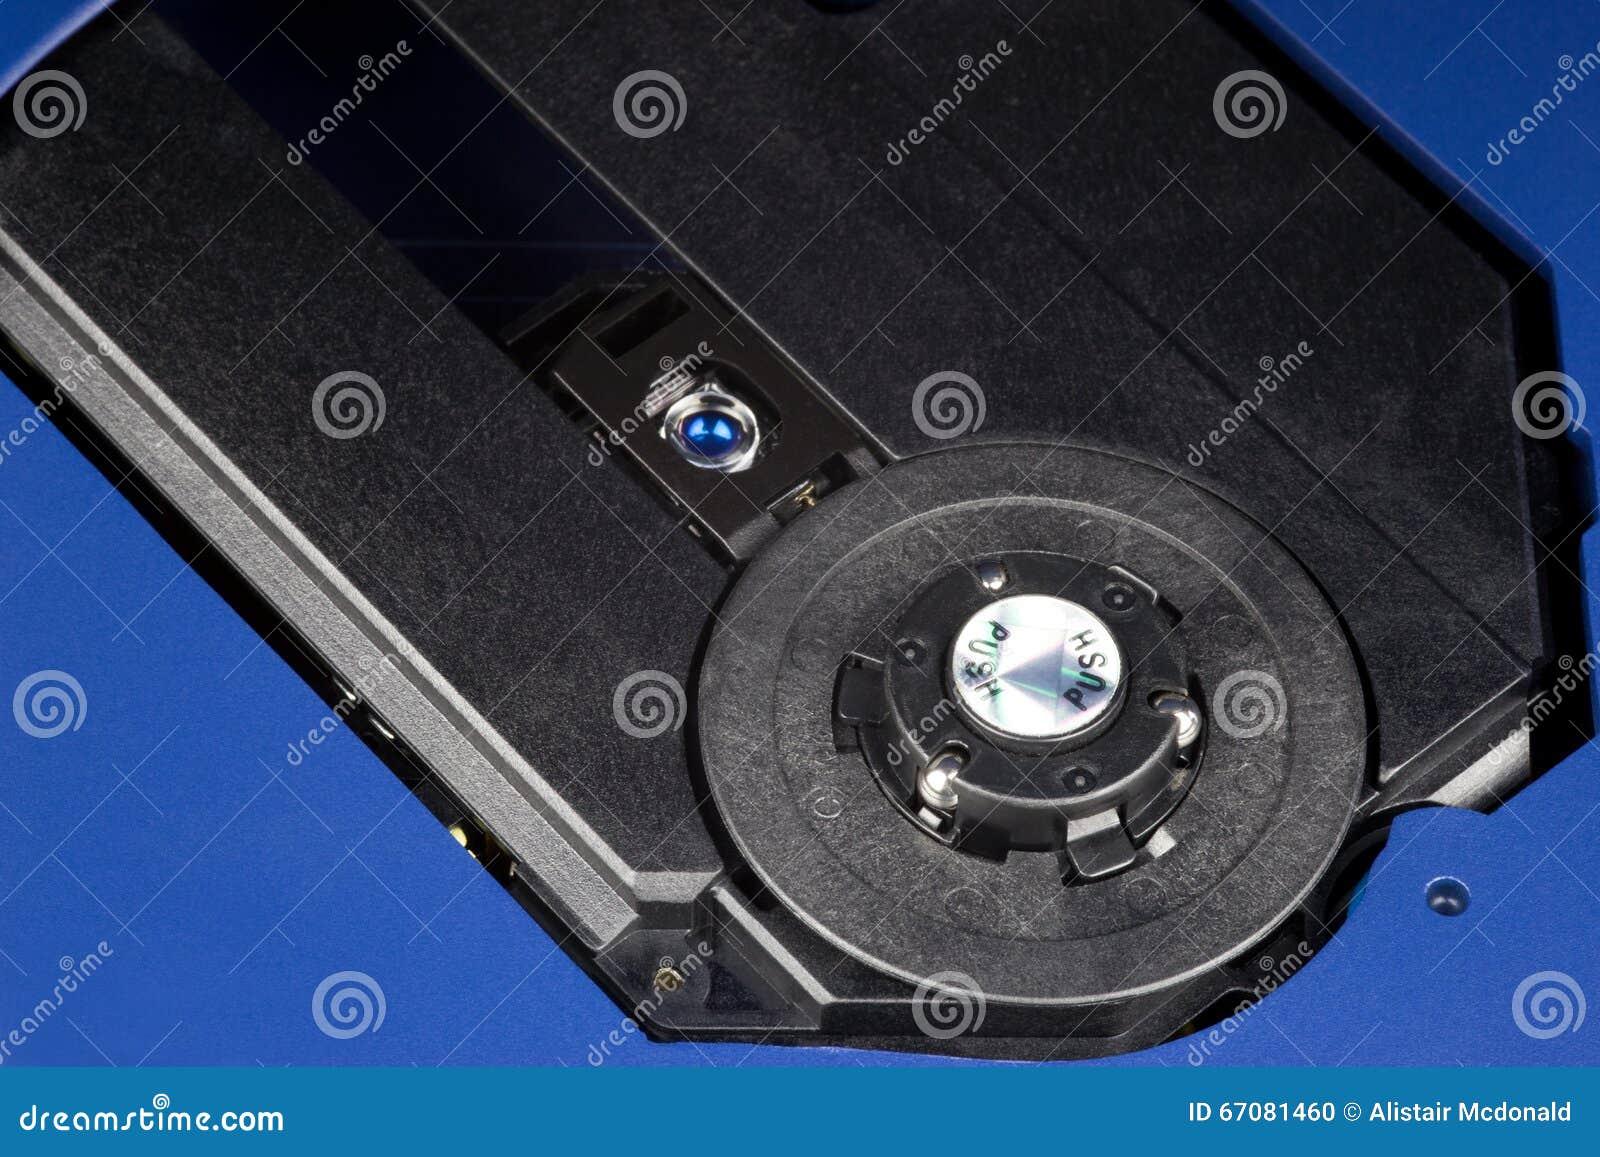 Раскройте CD плеер показывая лазер и шпиндель